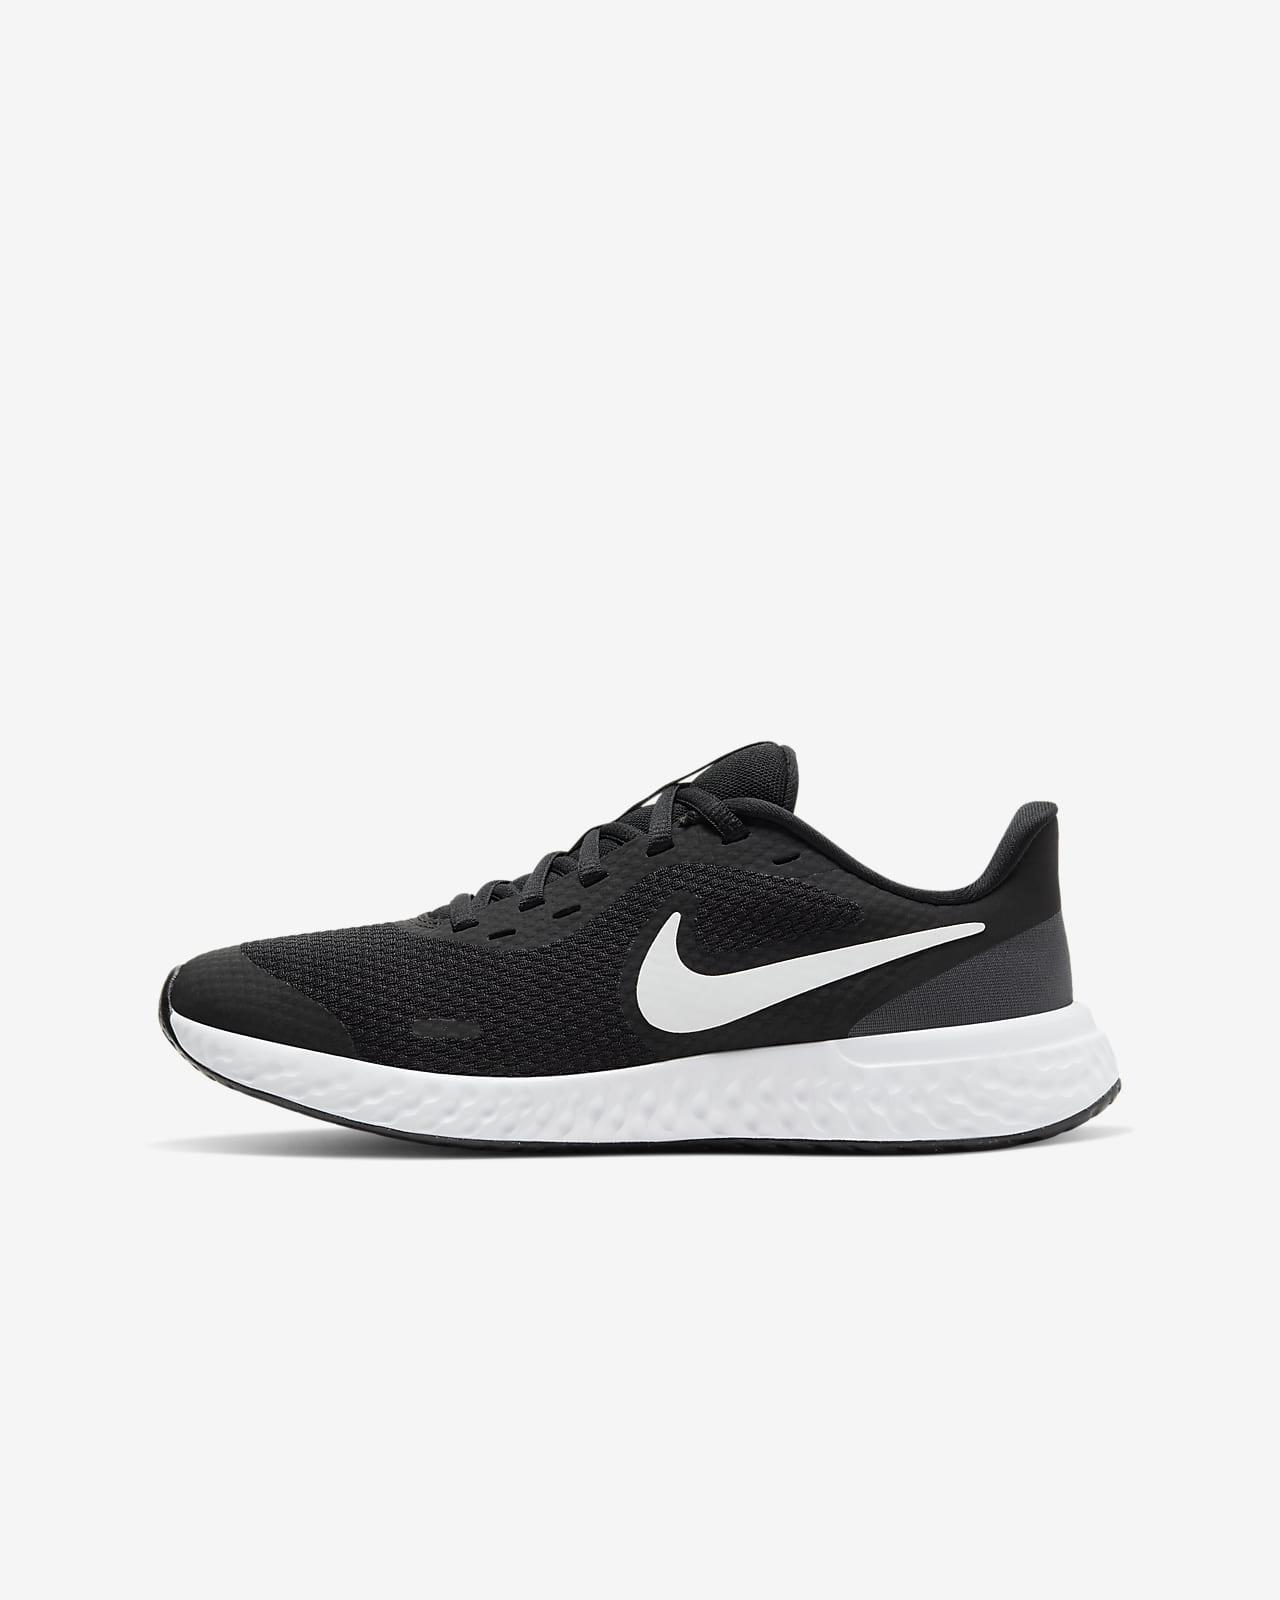 Běžecká bota Nike Revolution 5 pro větší děti